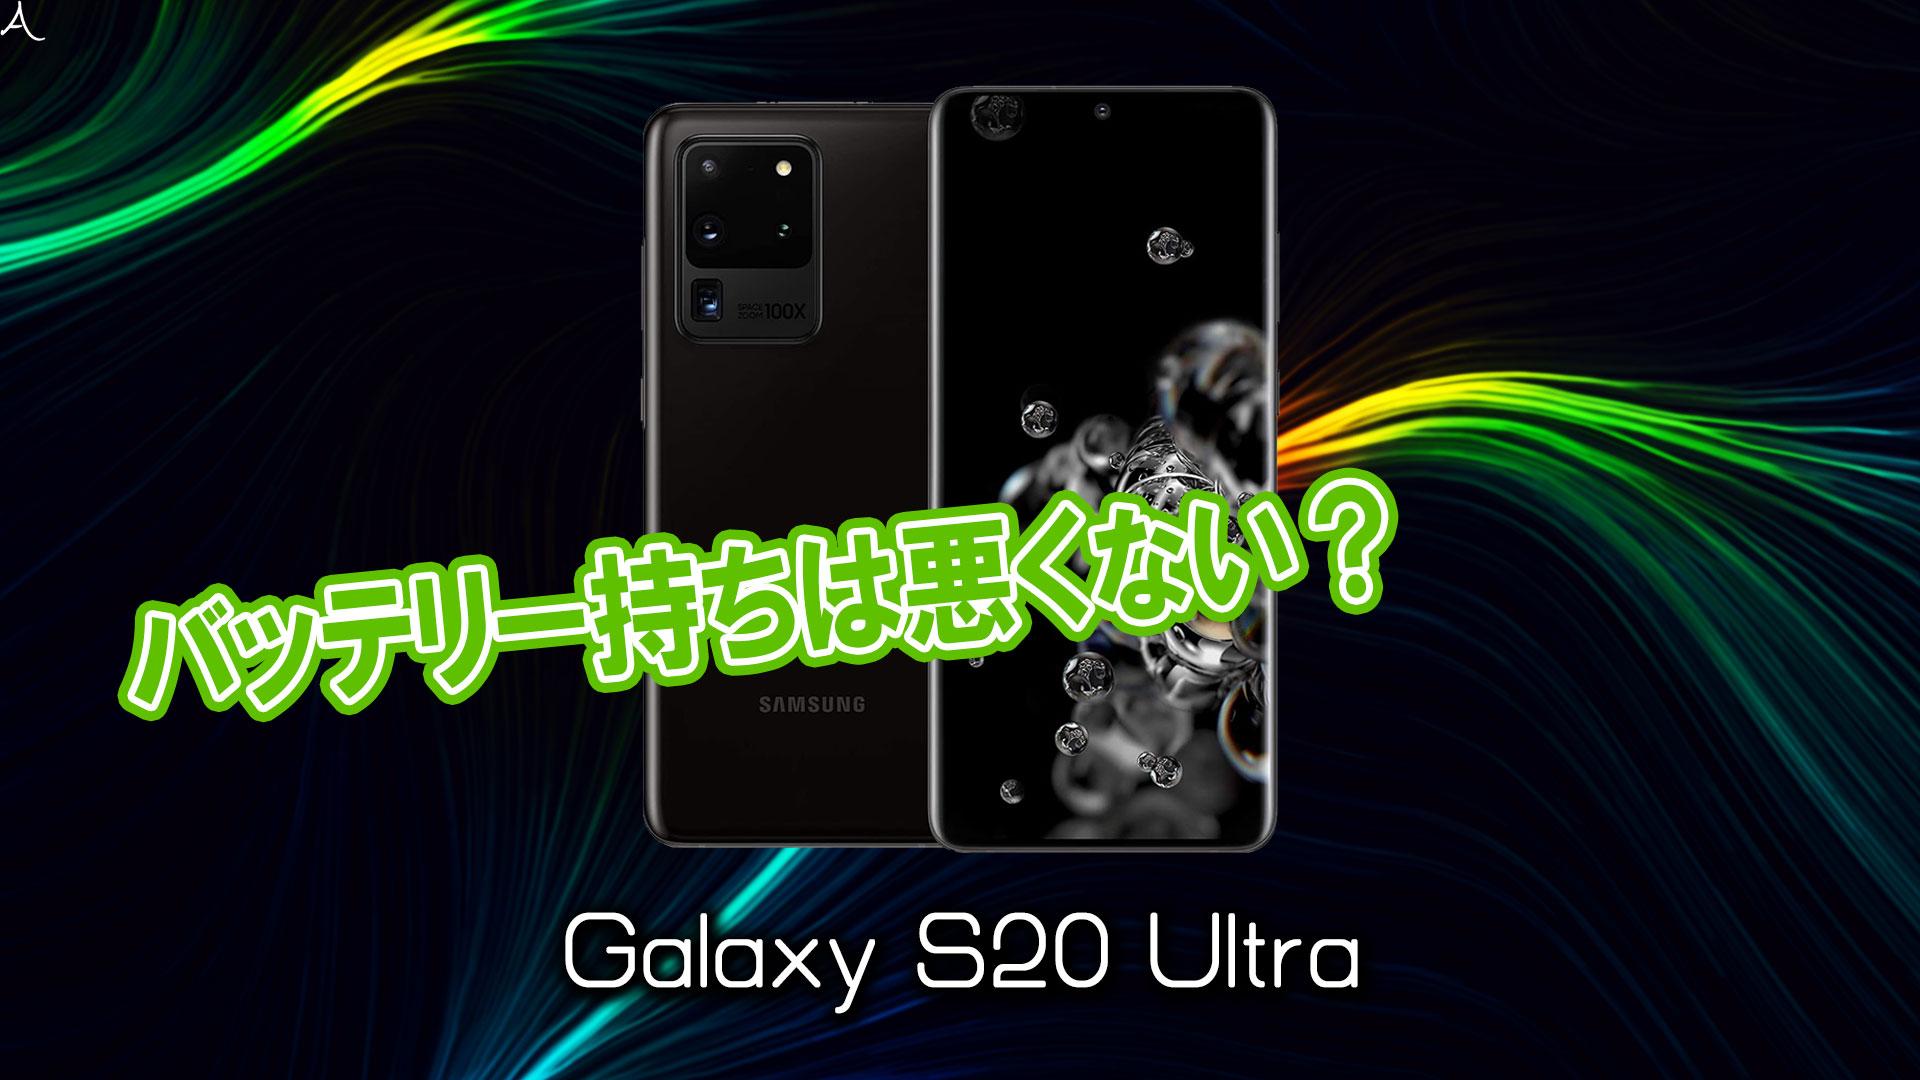 「Galaxy S20 Ultra」のバッテリー持ちは悪くない?ライバル機と比較